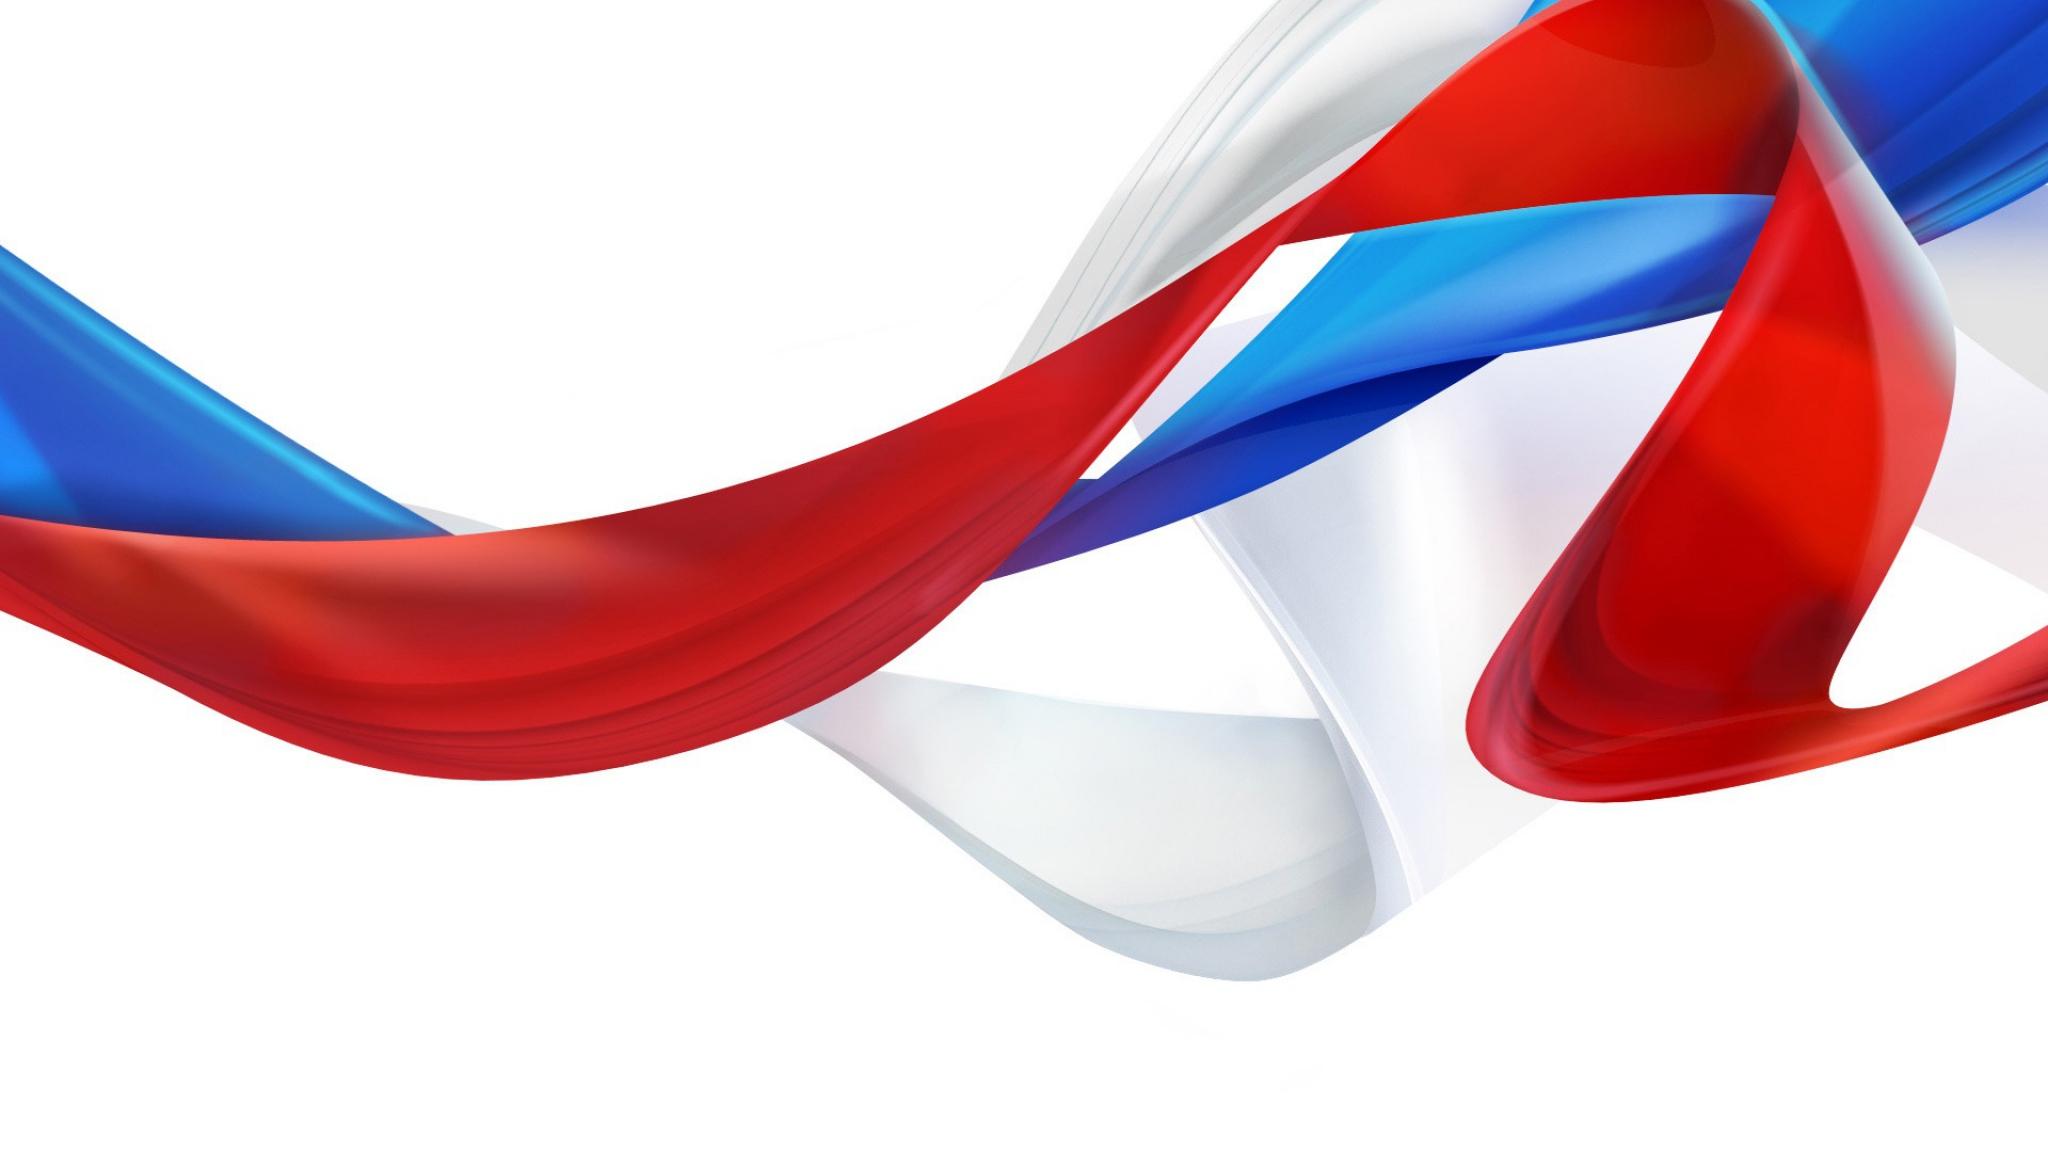 обои для рабочего стола развивающиеся флаг № 620485  скачать